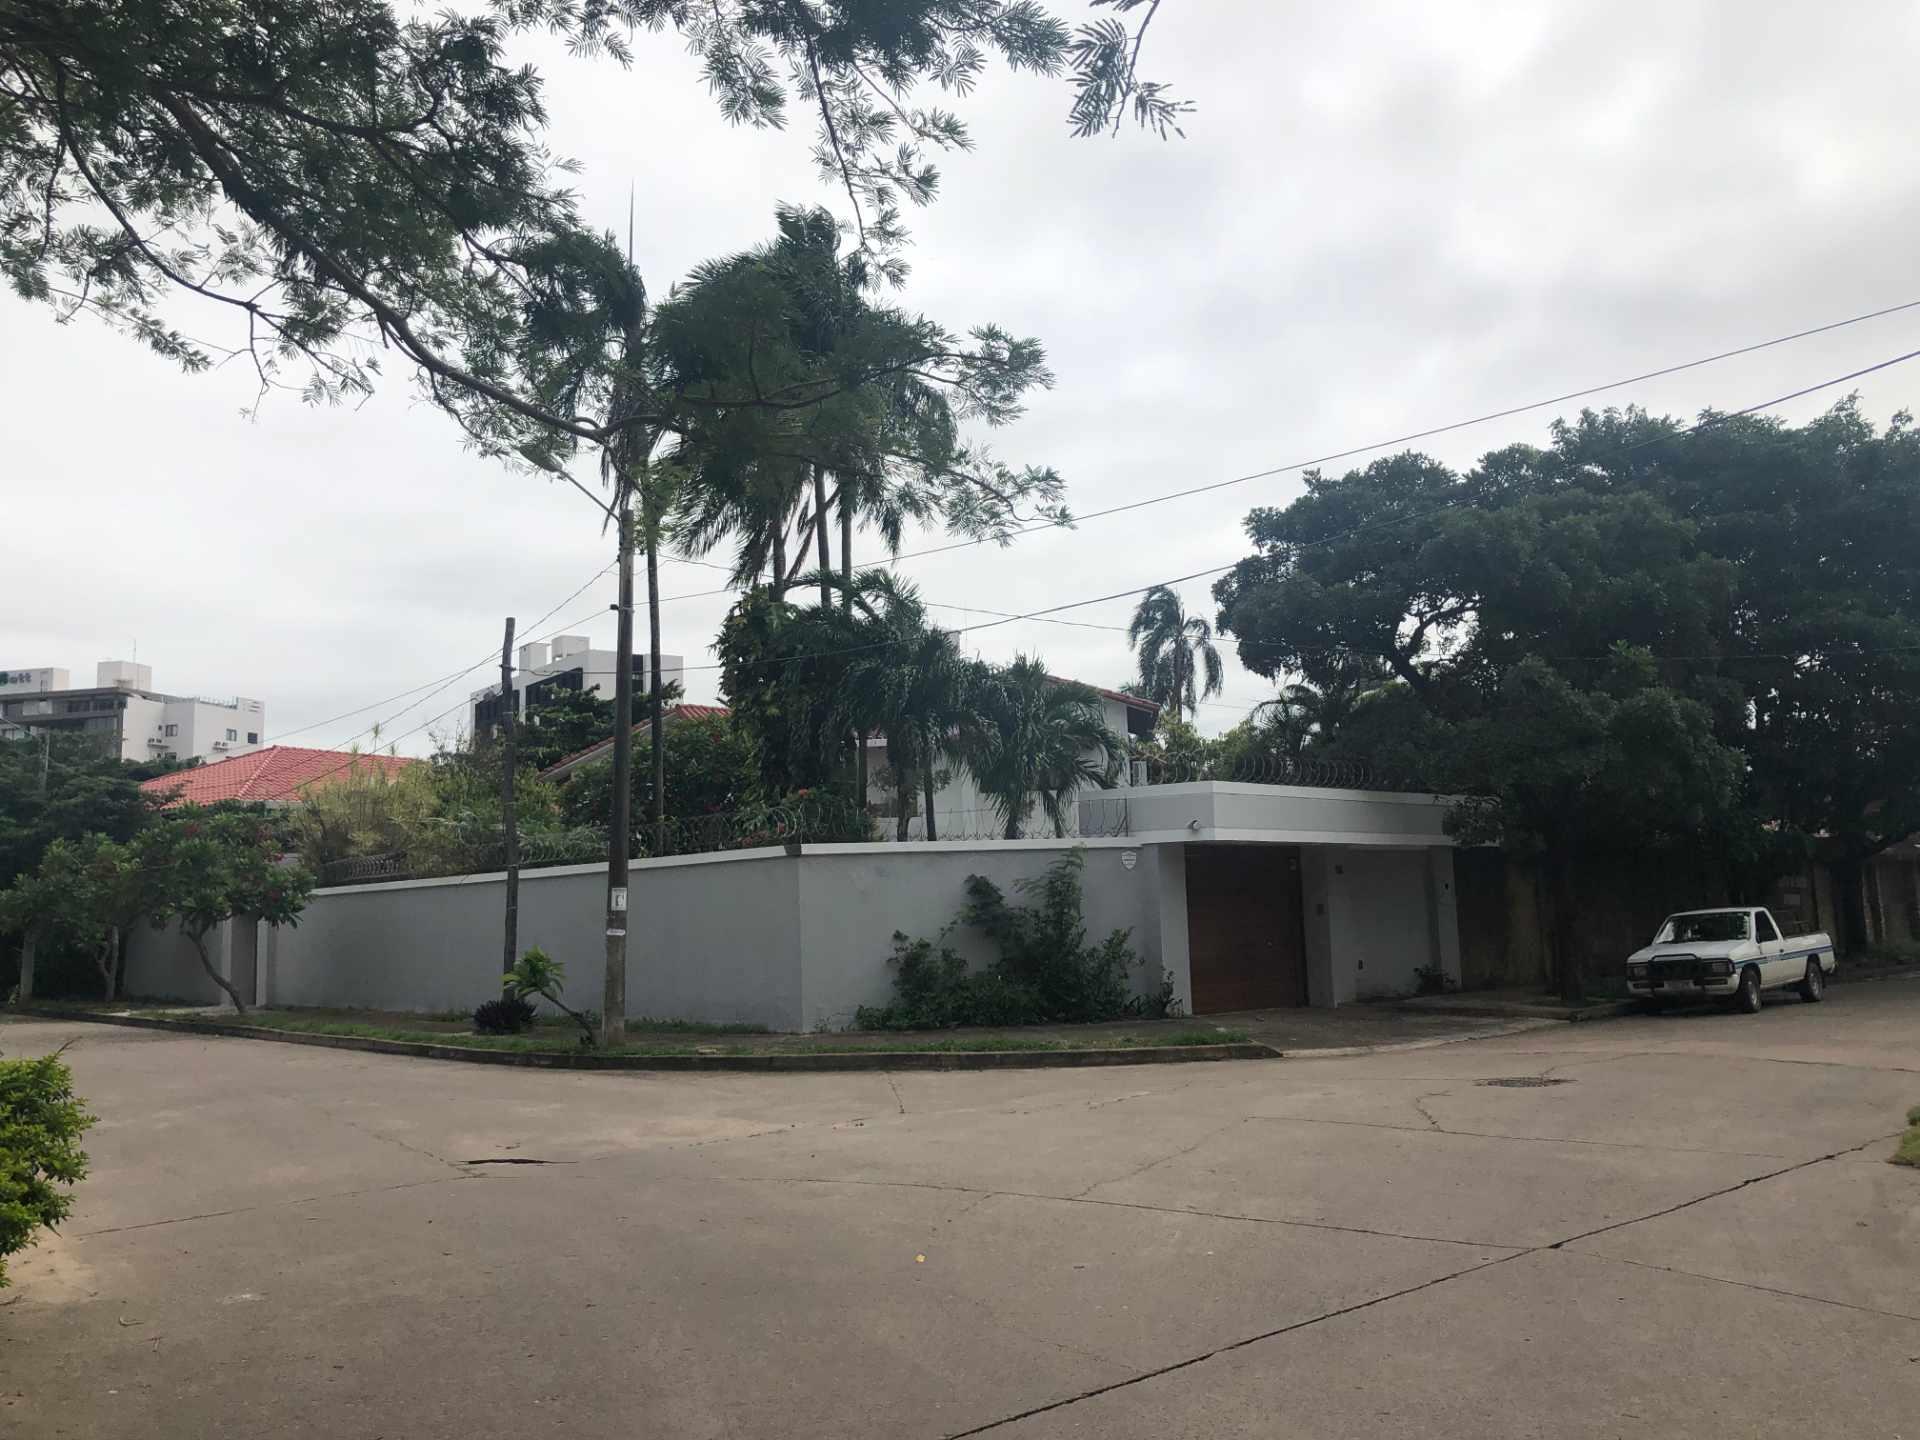 Casa en Alquiler Casa independiente ideal para vivienda + oficinas [Entre Av. Beni y Alemana, próximo a Los Cusis], Casa amplia en alquiler de 2 plantas y 5 dormitorios con dependencias [2.500$us.] Foto 1